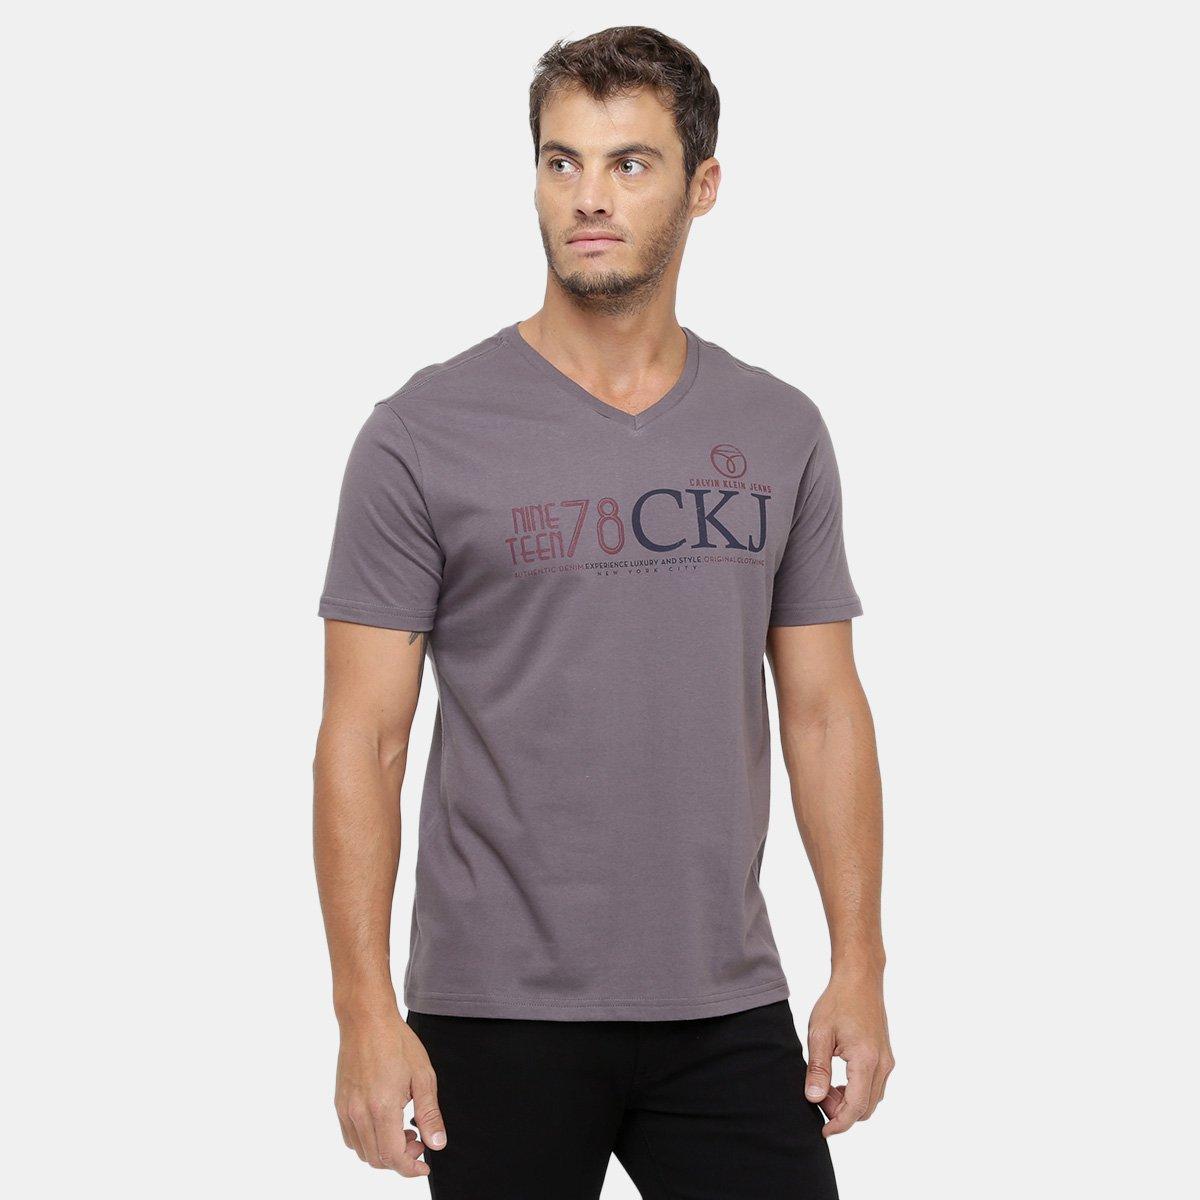 284d34caa7fb4 Camiseta Calvin Klein Gola V CKJ 78 - Compre Agora